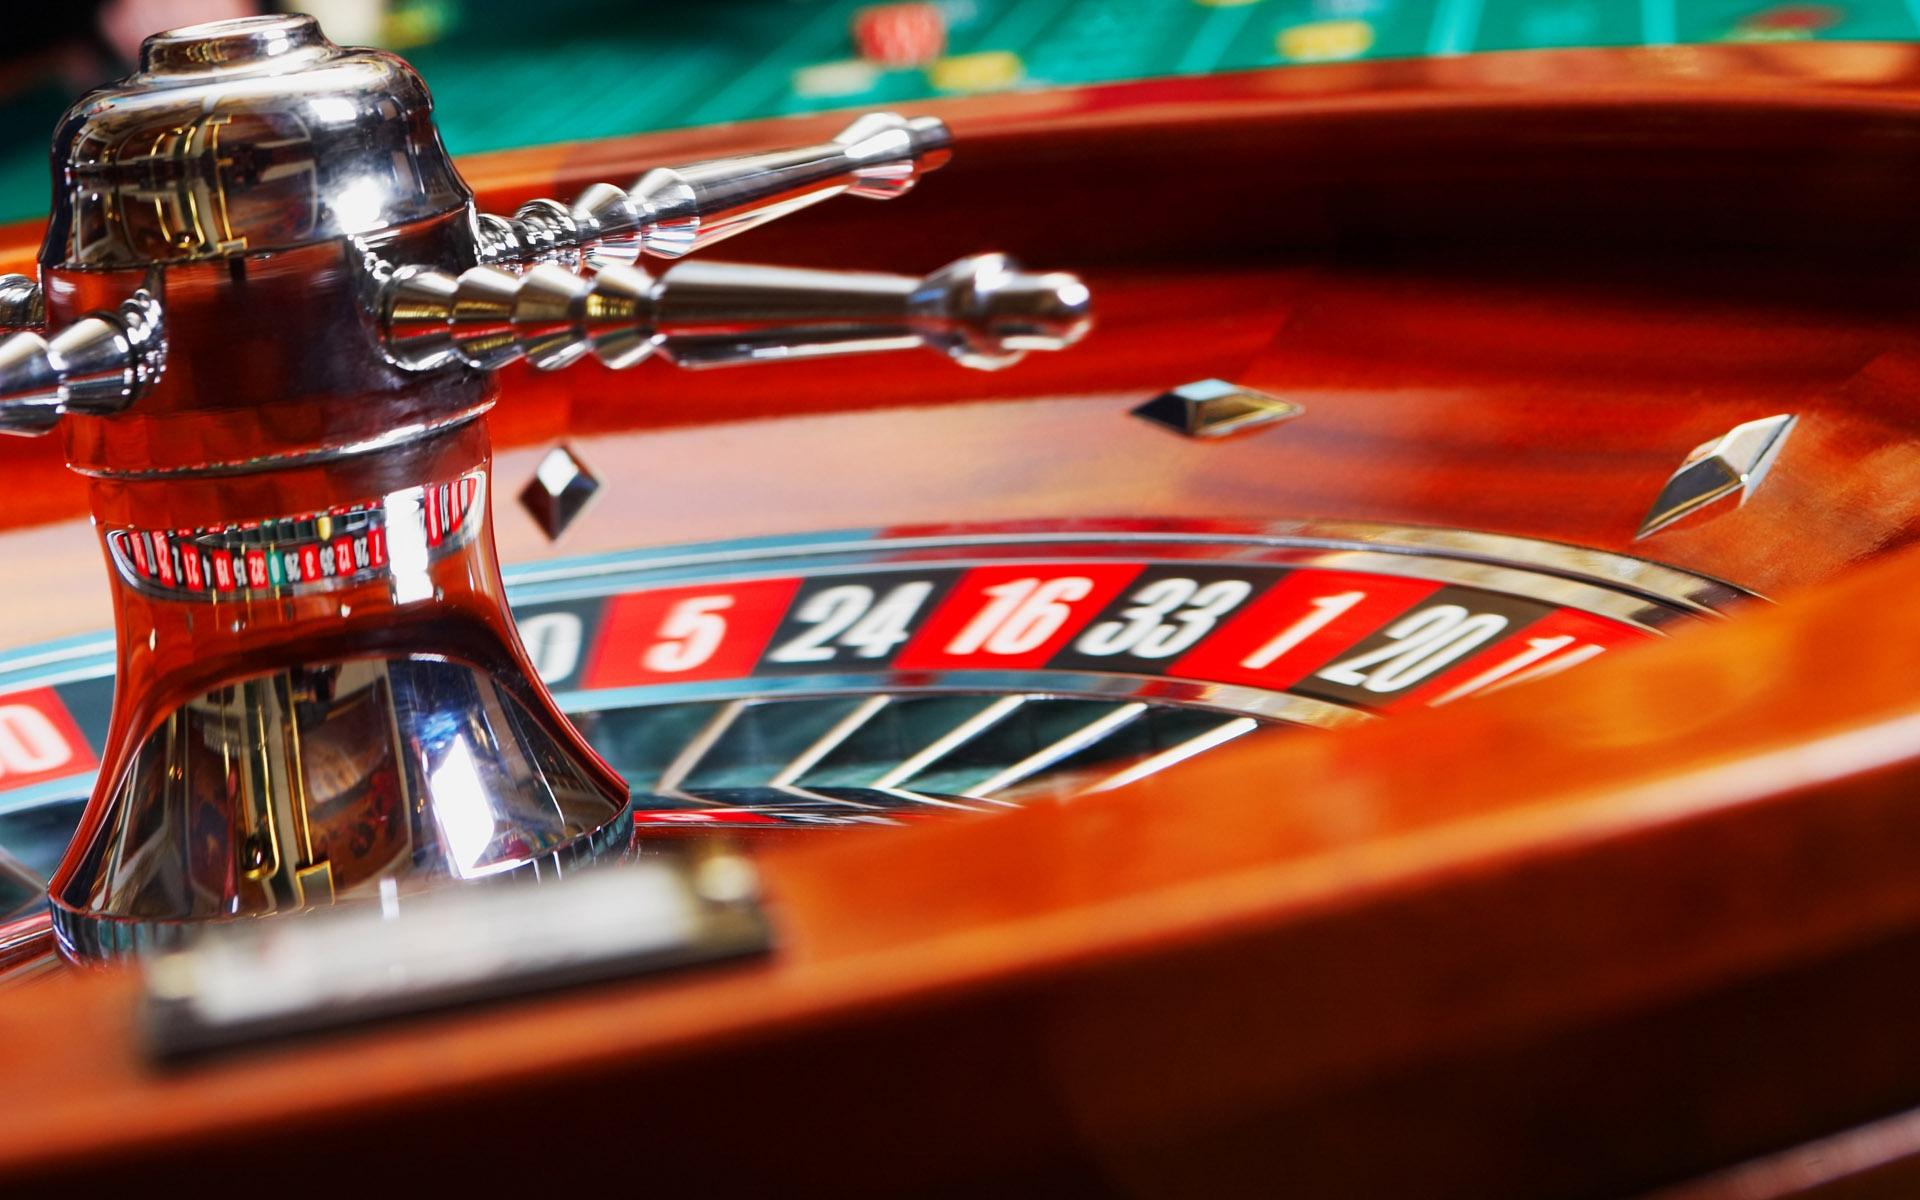 Casino WГјrfel Wallpaper